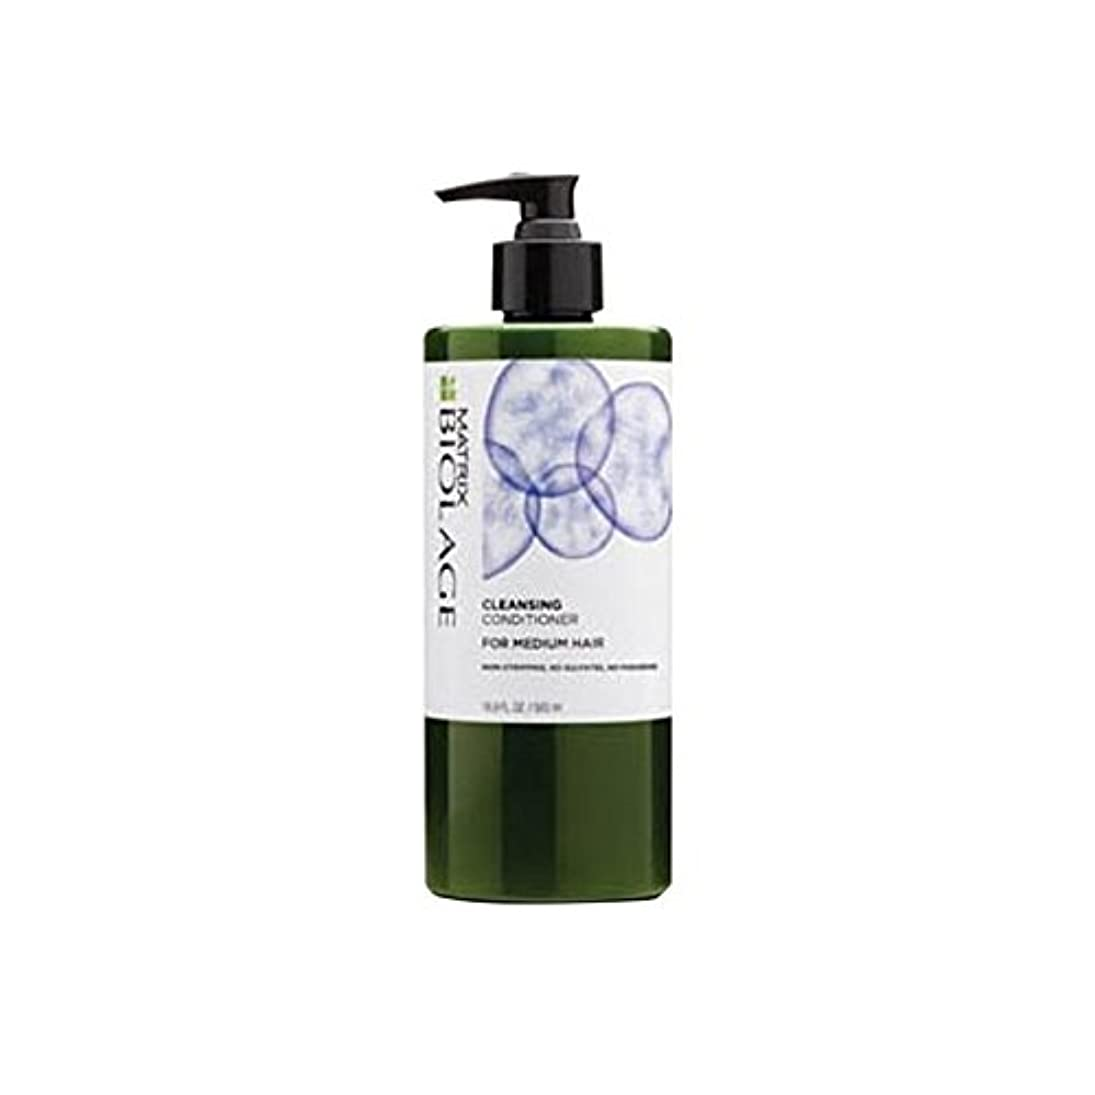 裏切る大理石テキストマトリックスバイオレイジクレンジングコンディショナー - メディア髪(500ミリリットル) x4 - Matrix Biolage Cleansing Conditioner - Medium Hair (500ml)...